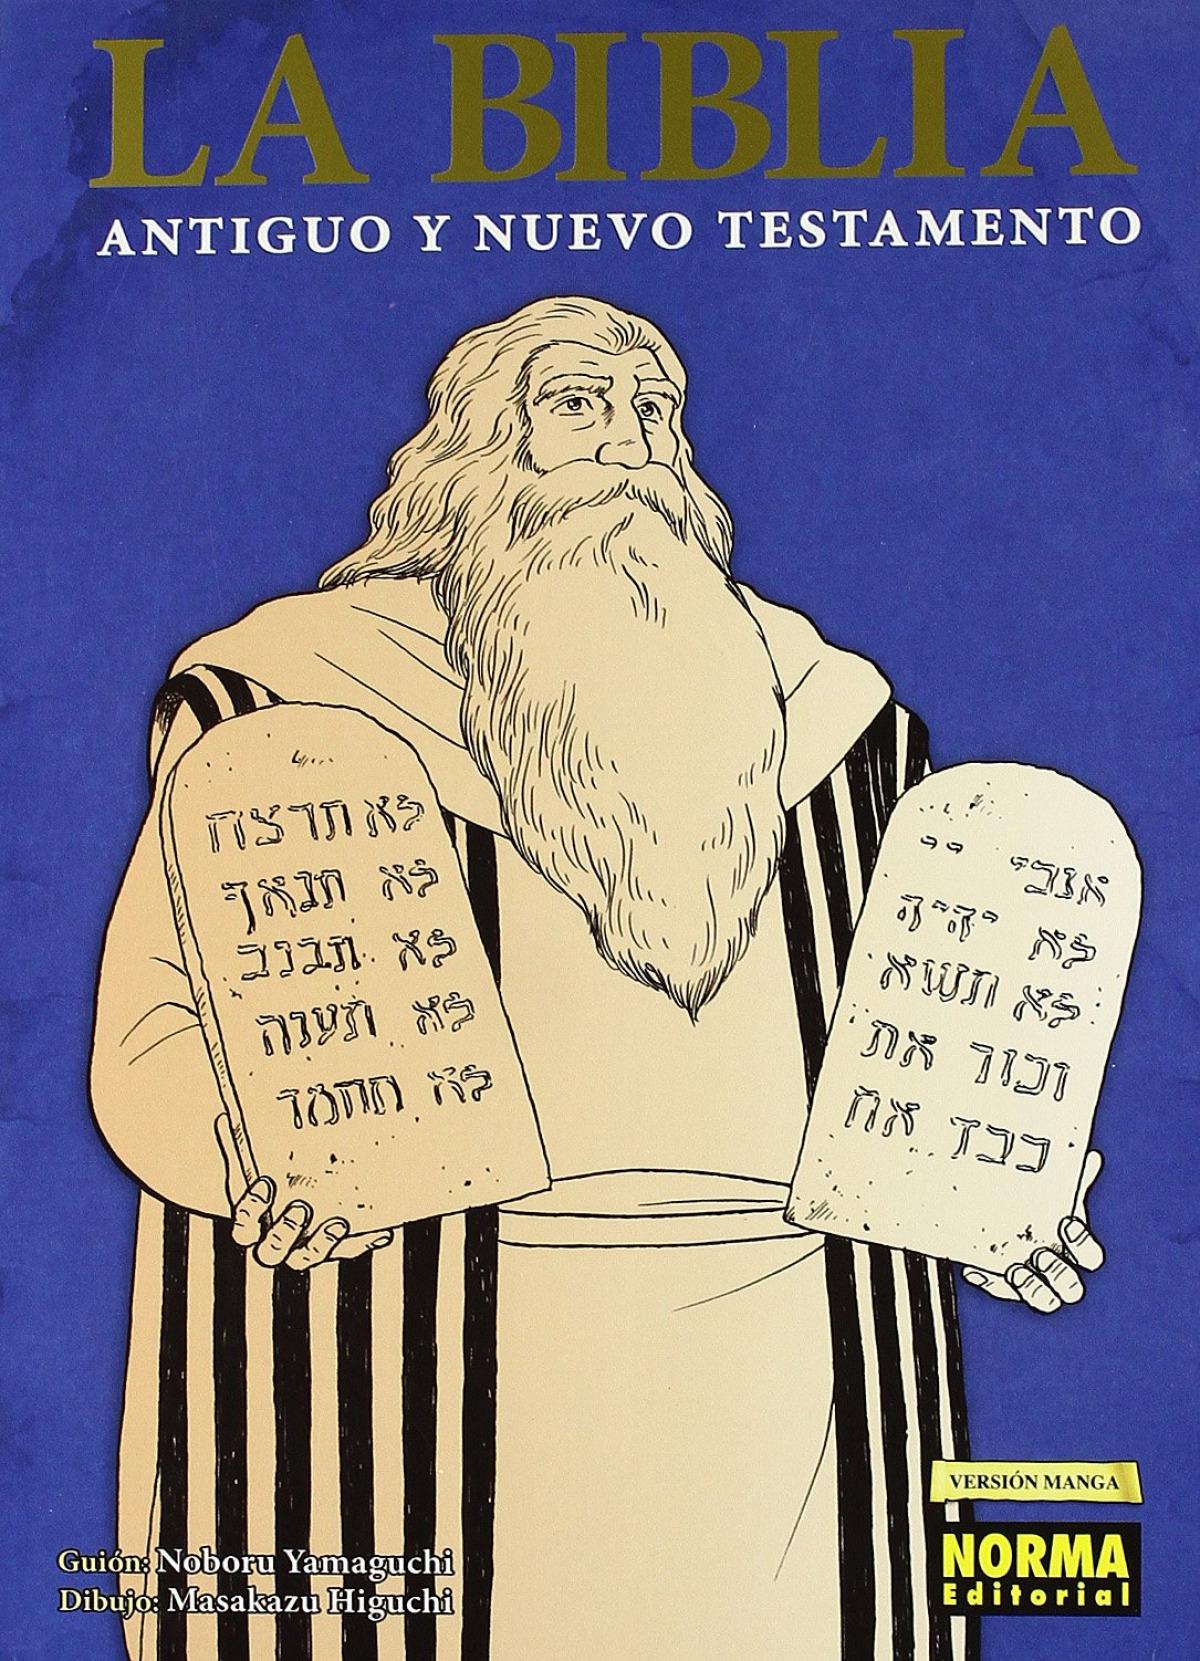 Biblia en Cómic 2 tomos